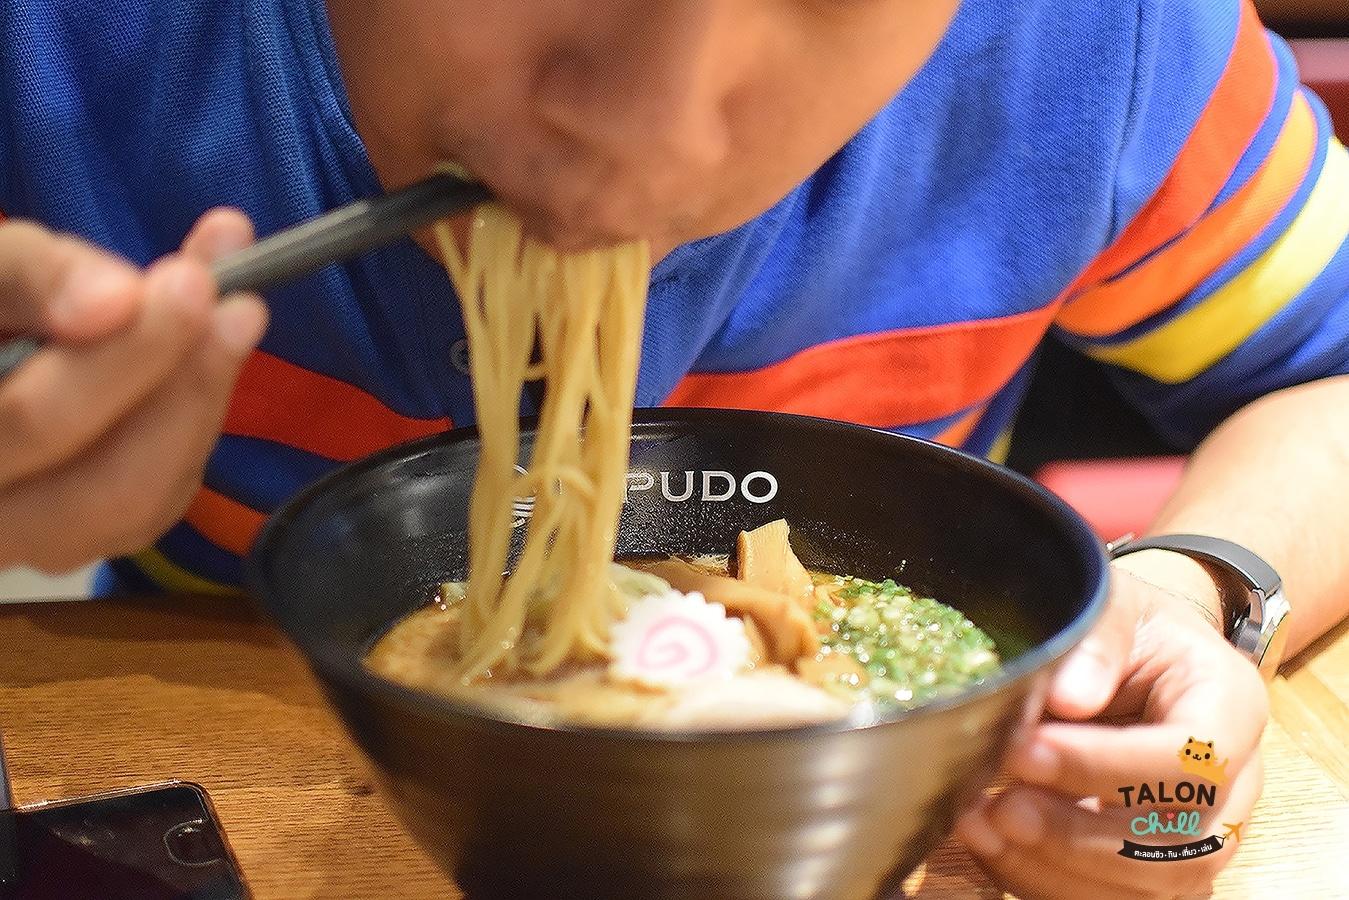 ร้านราเมง ippudo ramen (อิปปุโดะ ราเมงคิง) ราเมงทีวีแชมเปี้ยน ต้นตำหรับจากญี่ปุ่น 1